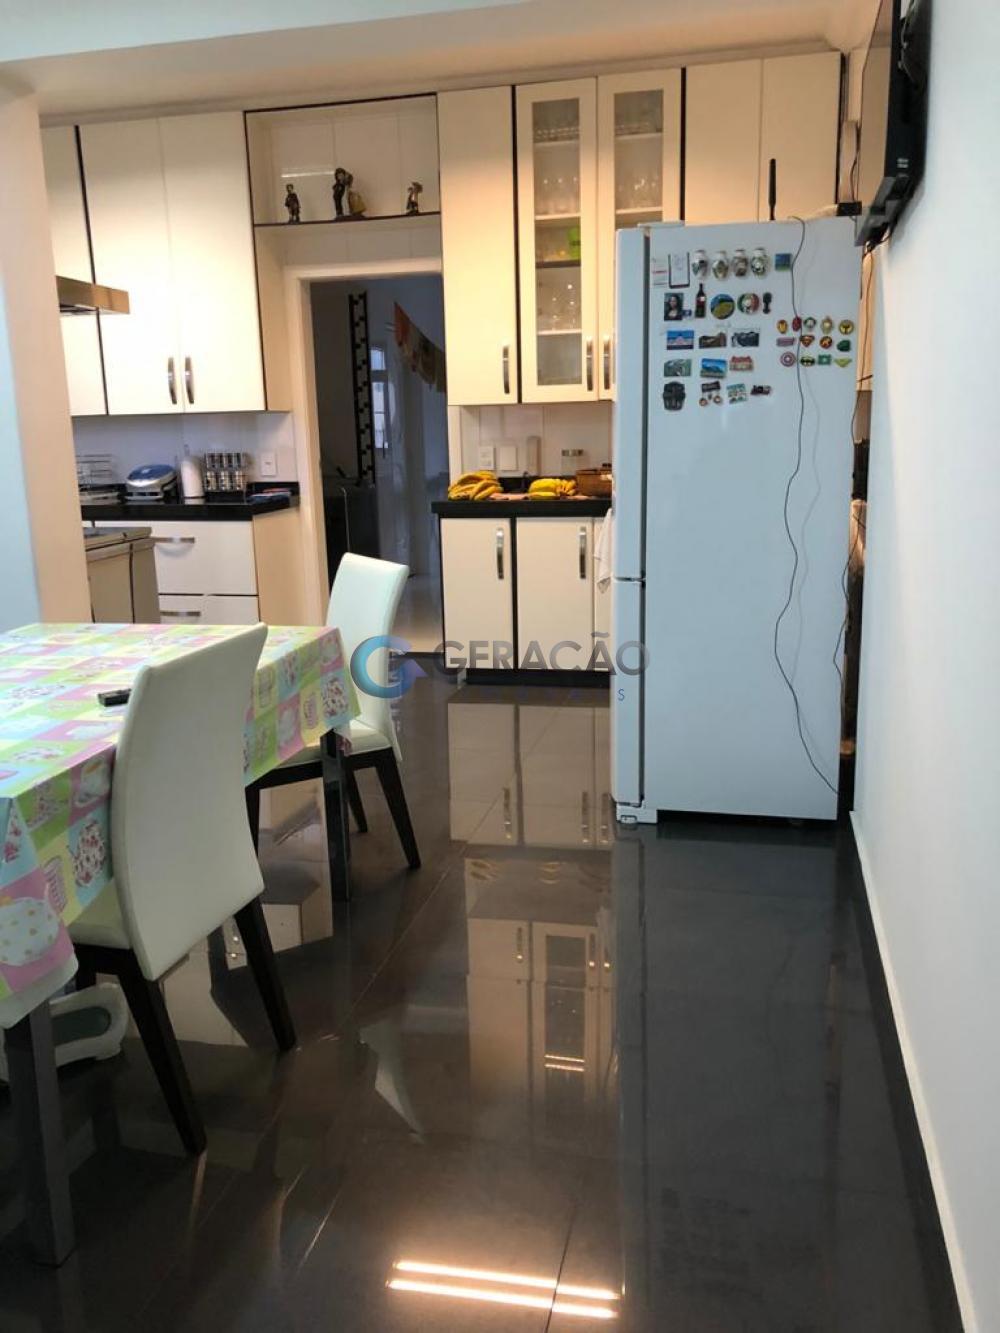 Comprar Apartamento / Padrão em São José dos Campos R$ 1.000.000,00 - Foto 5